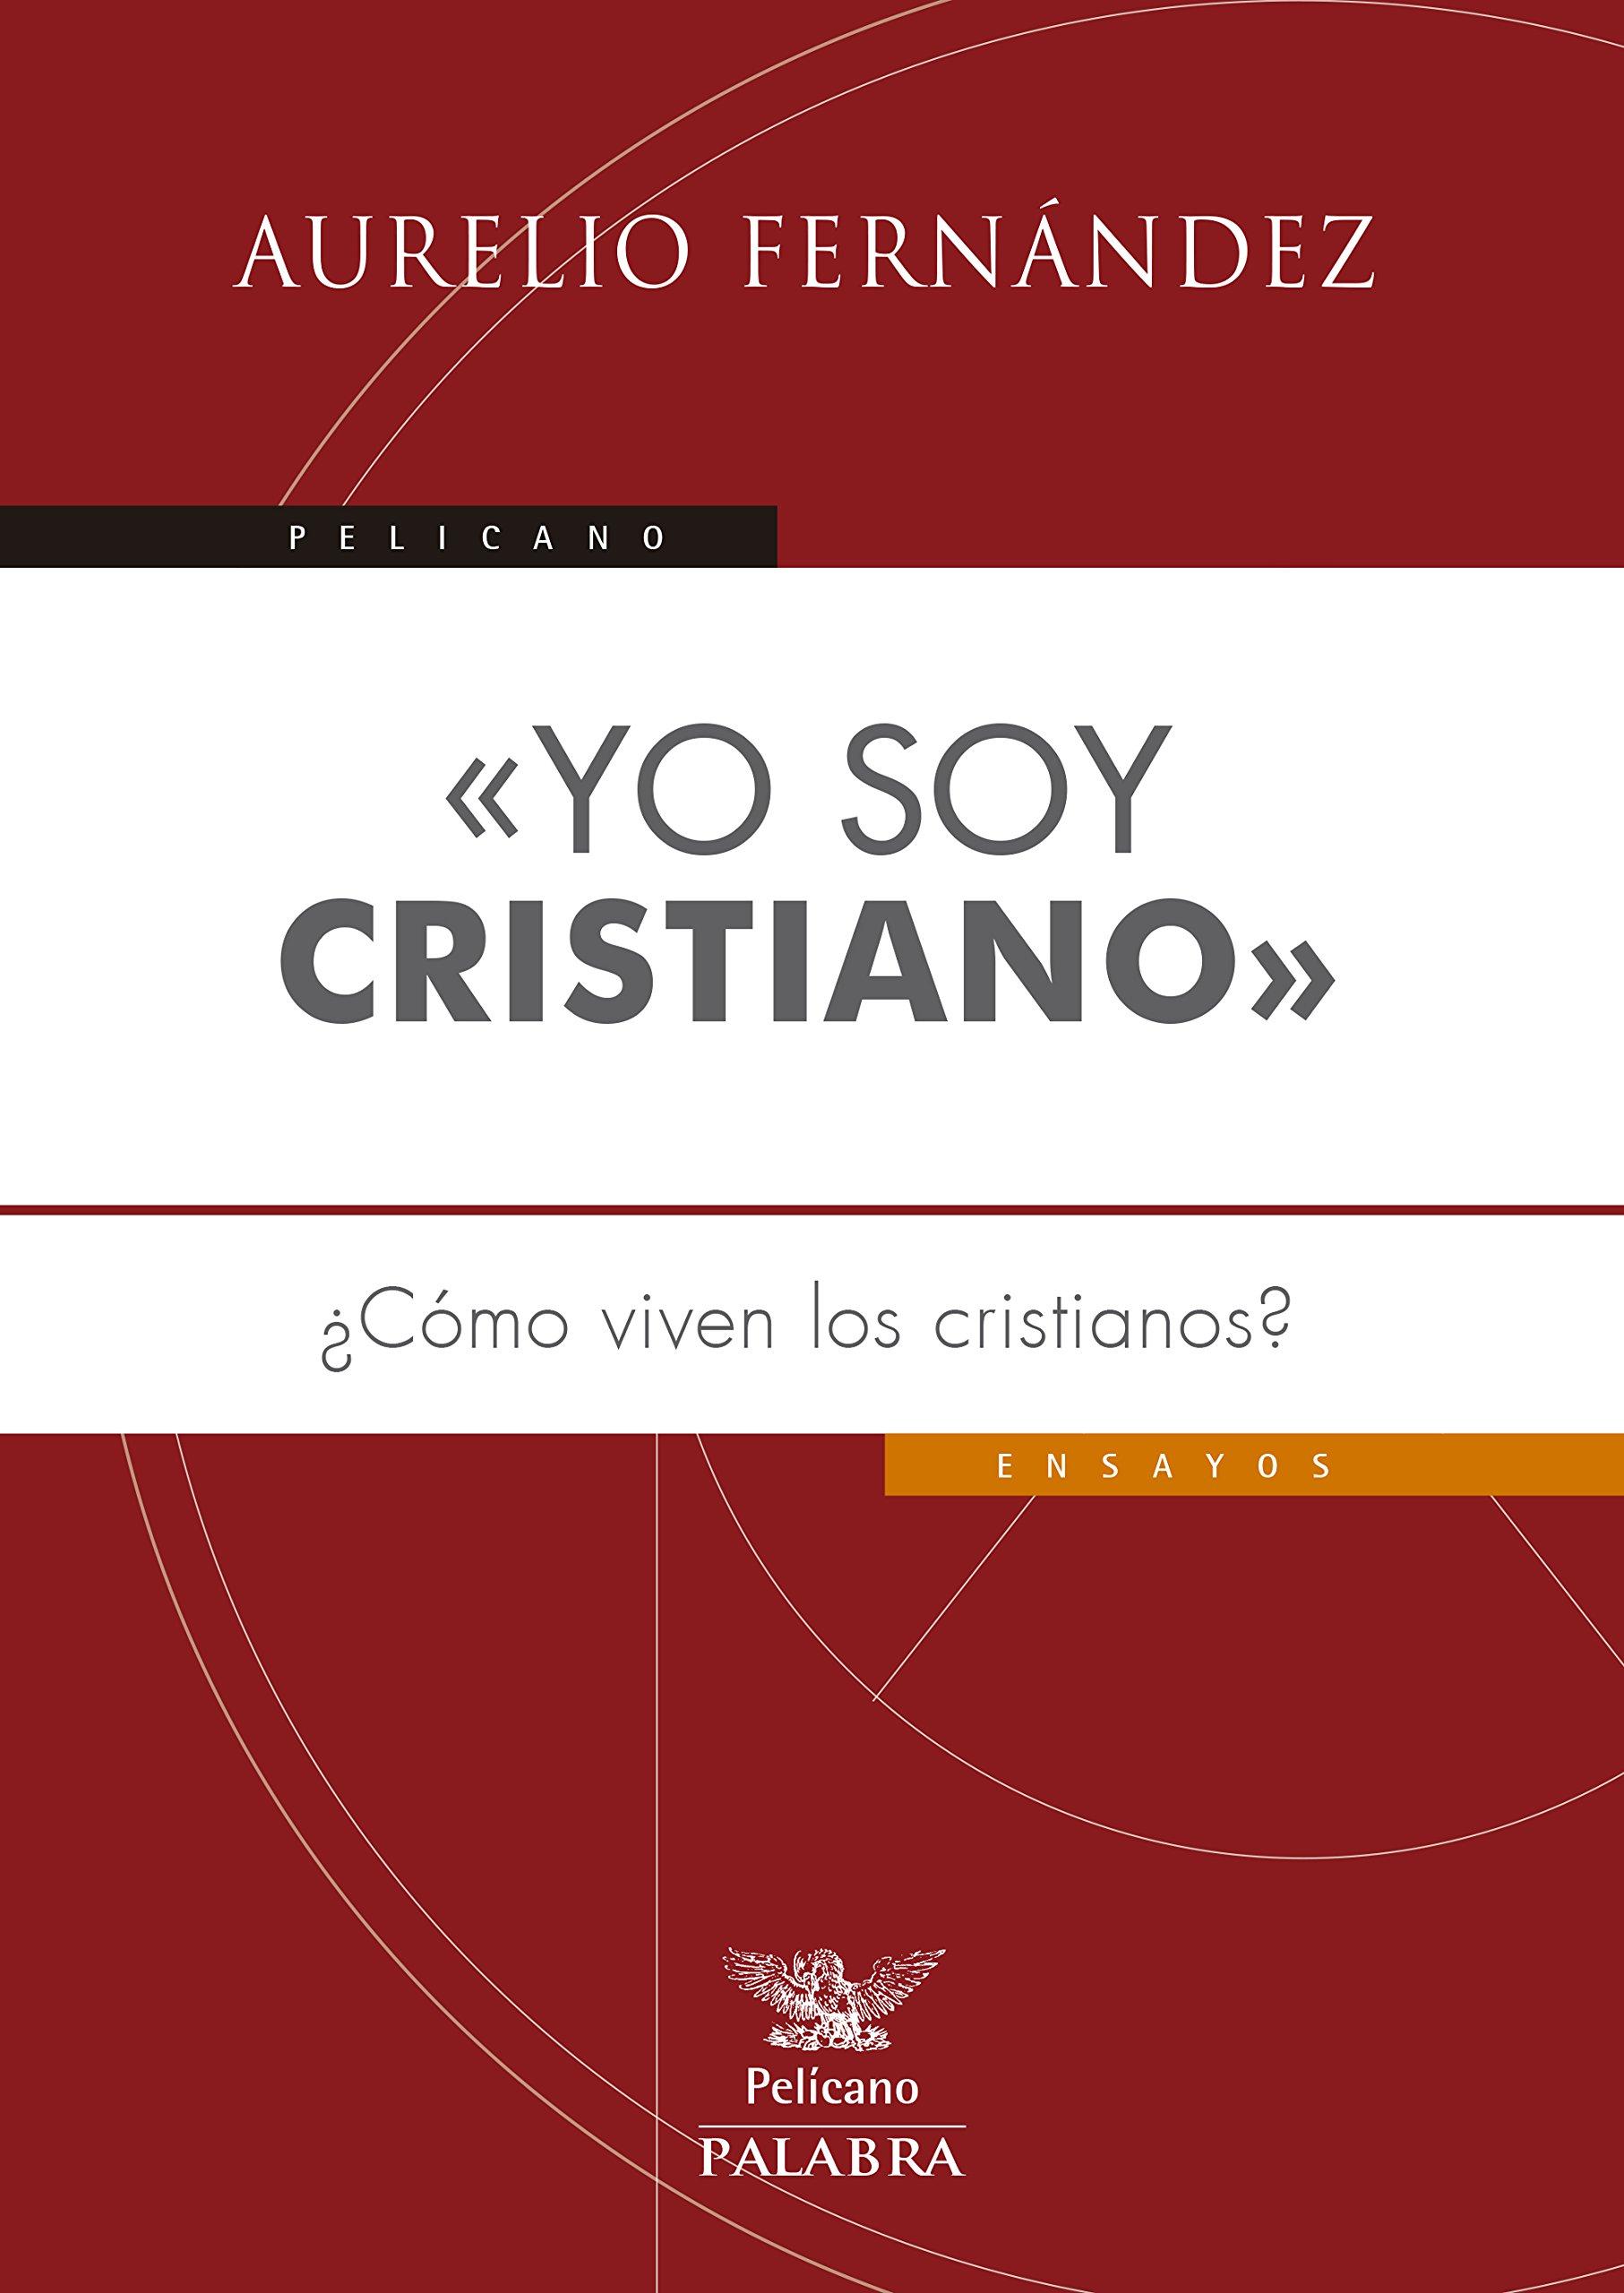 «Yo soy cristiano» (Pelícano): Amazon.es: Aurelio Fernández Fernández: Libros